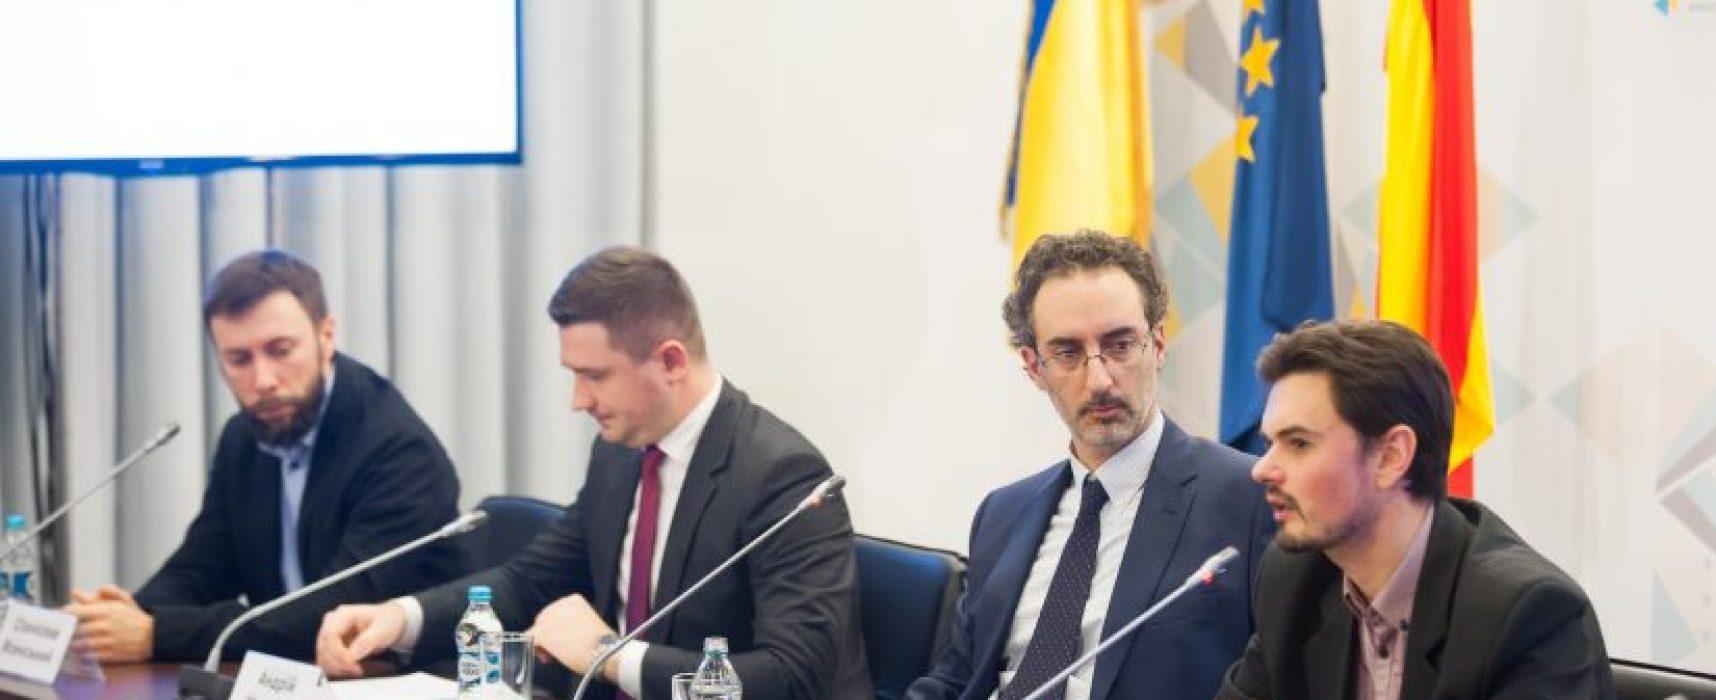 Conflictos y narrativas mediáticas. La batalla por la opinión pública en Ucrania y en la UE